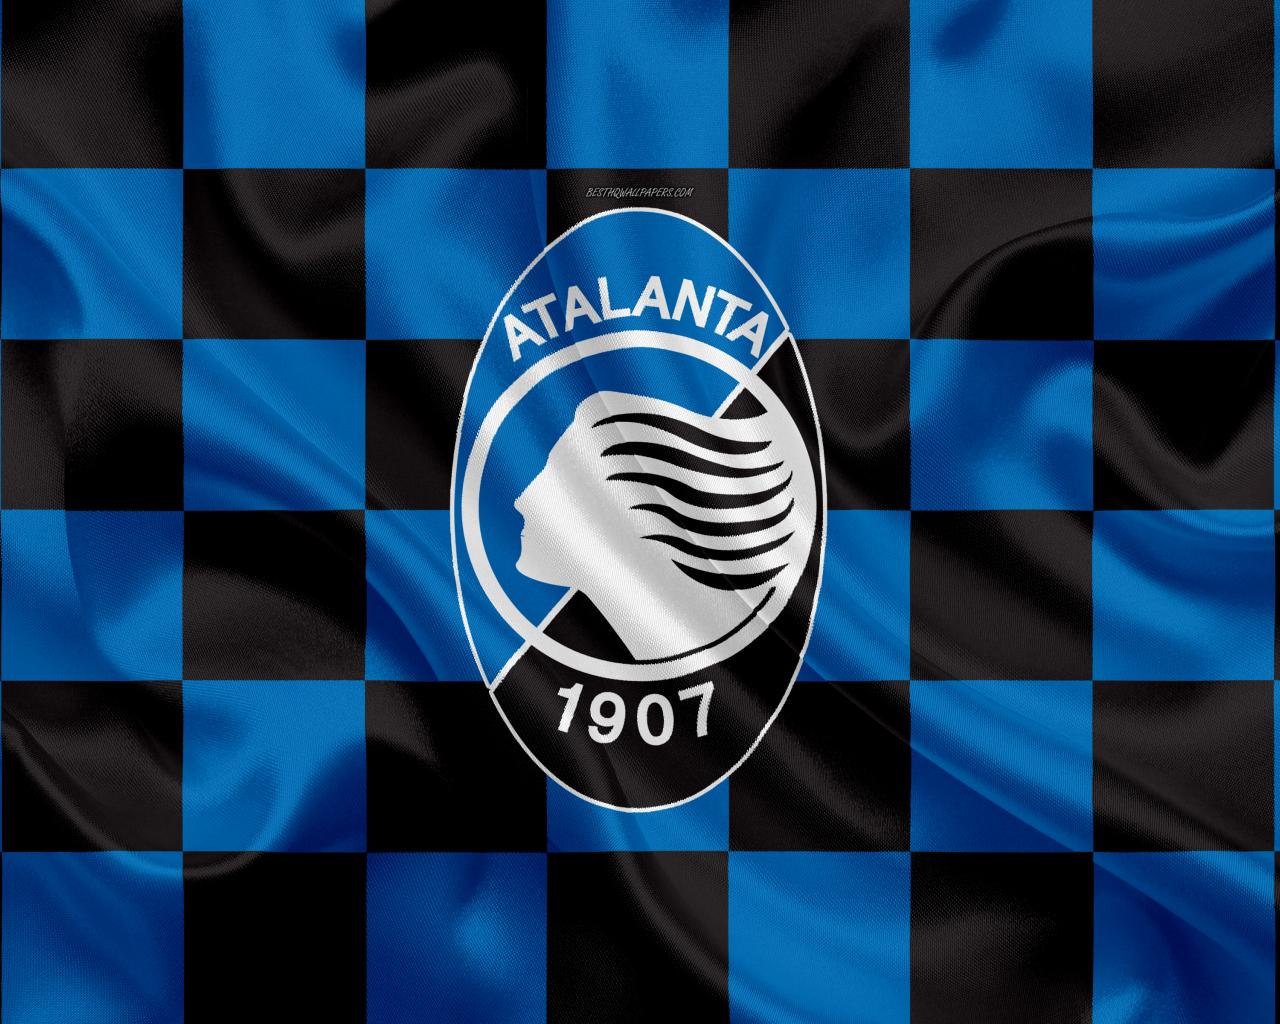 Free download Download wallpapers Atalanta BC 4k logo ...